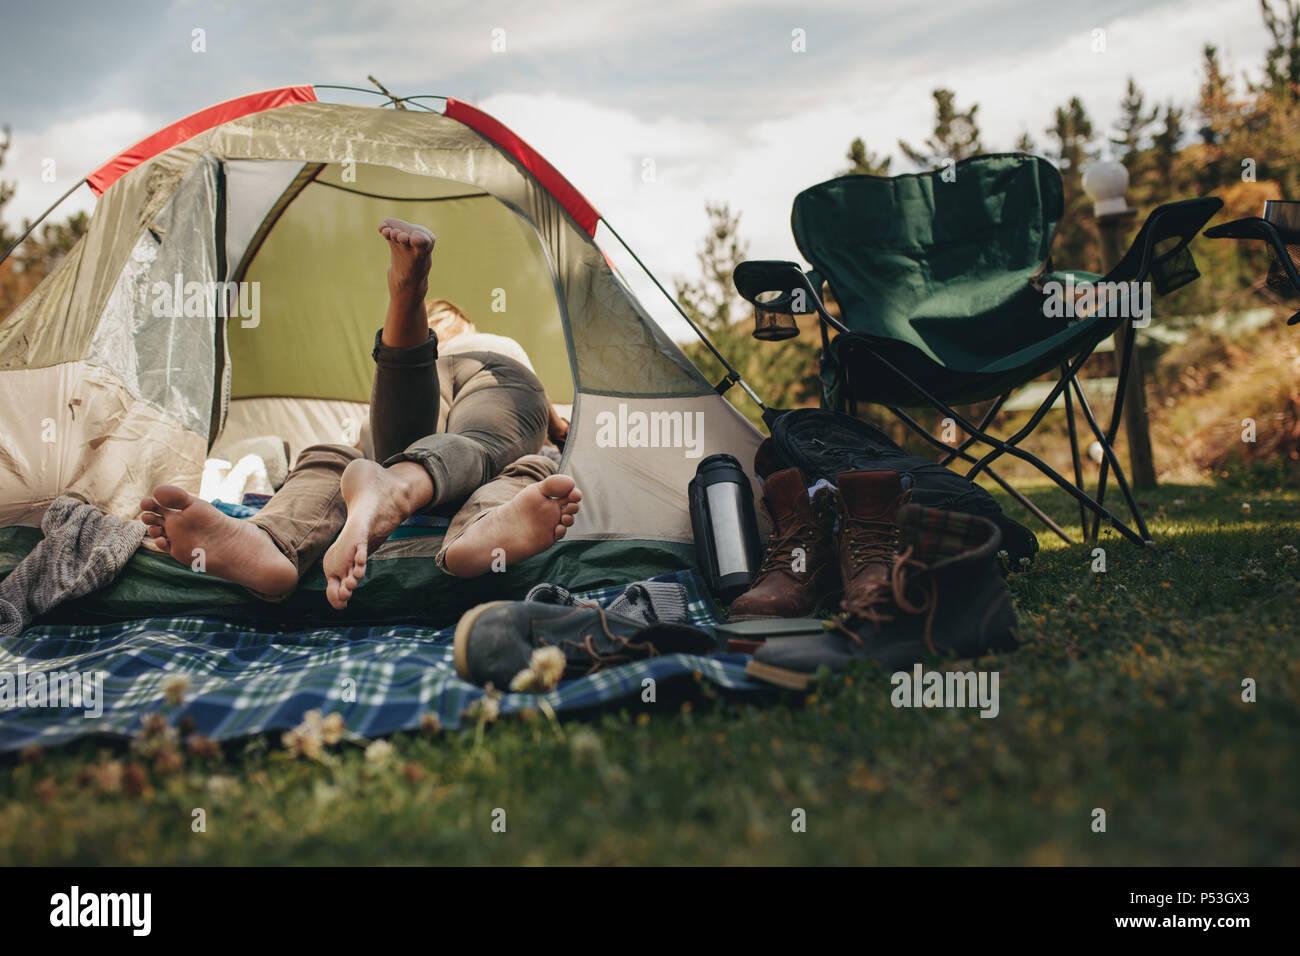 Romantico coppia giovane giacente all'interno di una tenda al campeggio. L uomo e la donna in amore in una tenda. Immagini Stock